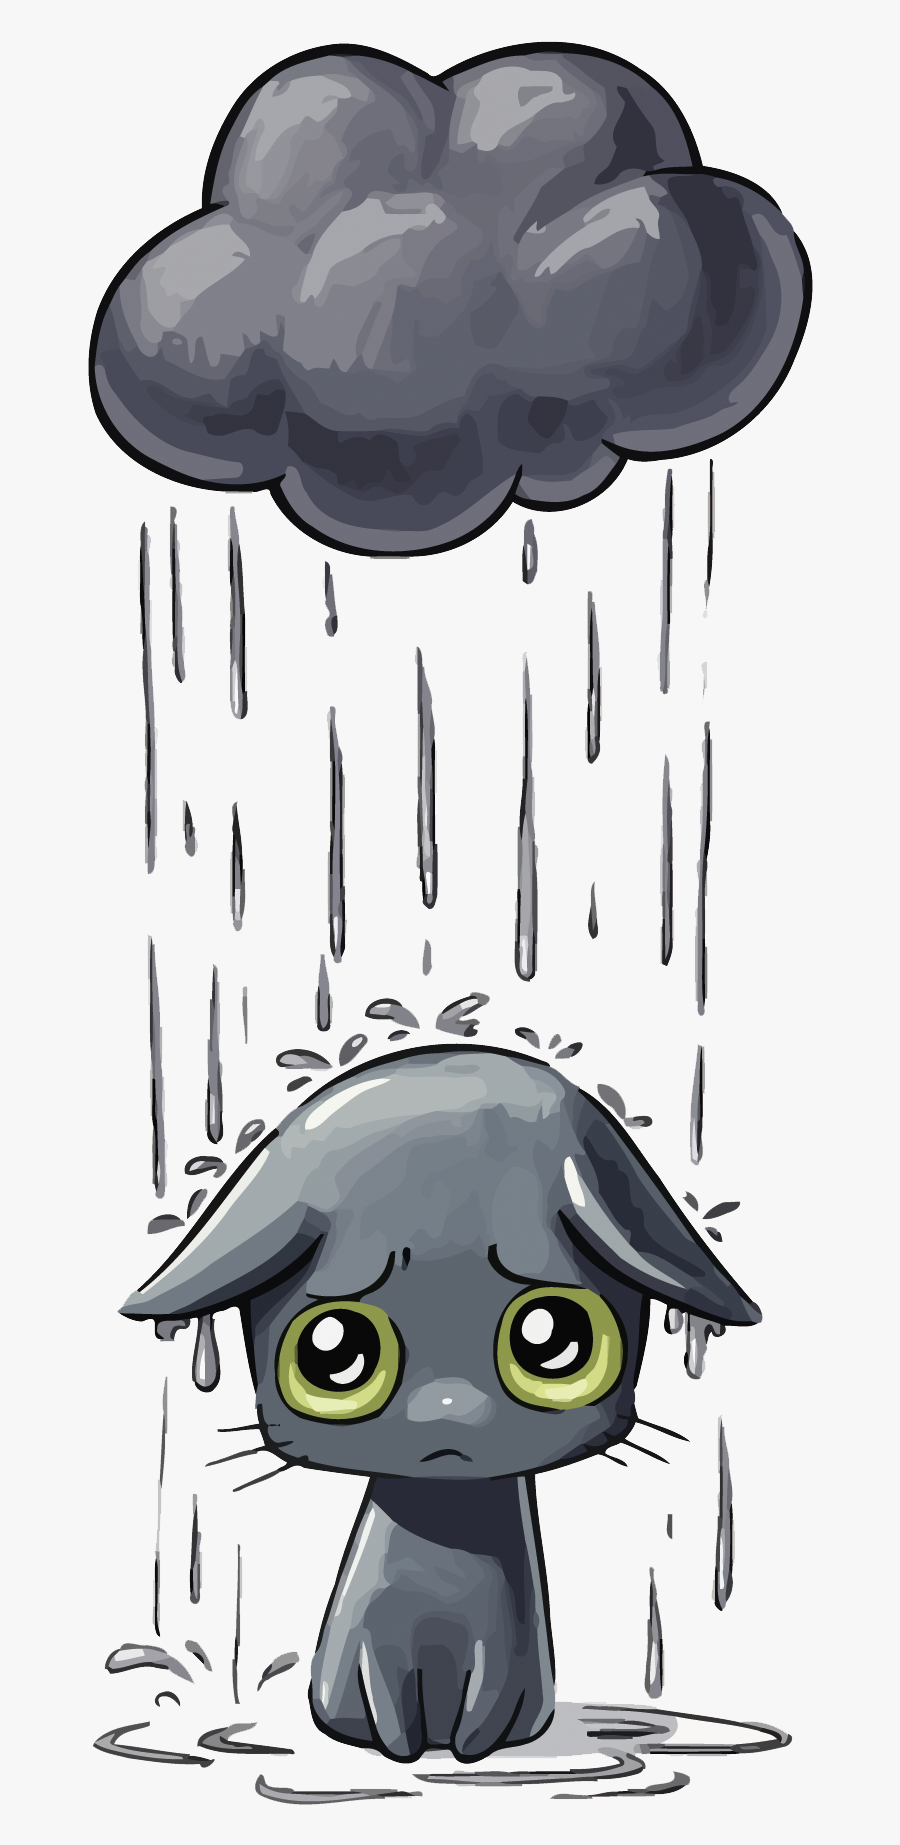 Transparent Sad Clipart - Sad Cat In Rain, Transparent Clipart